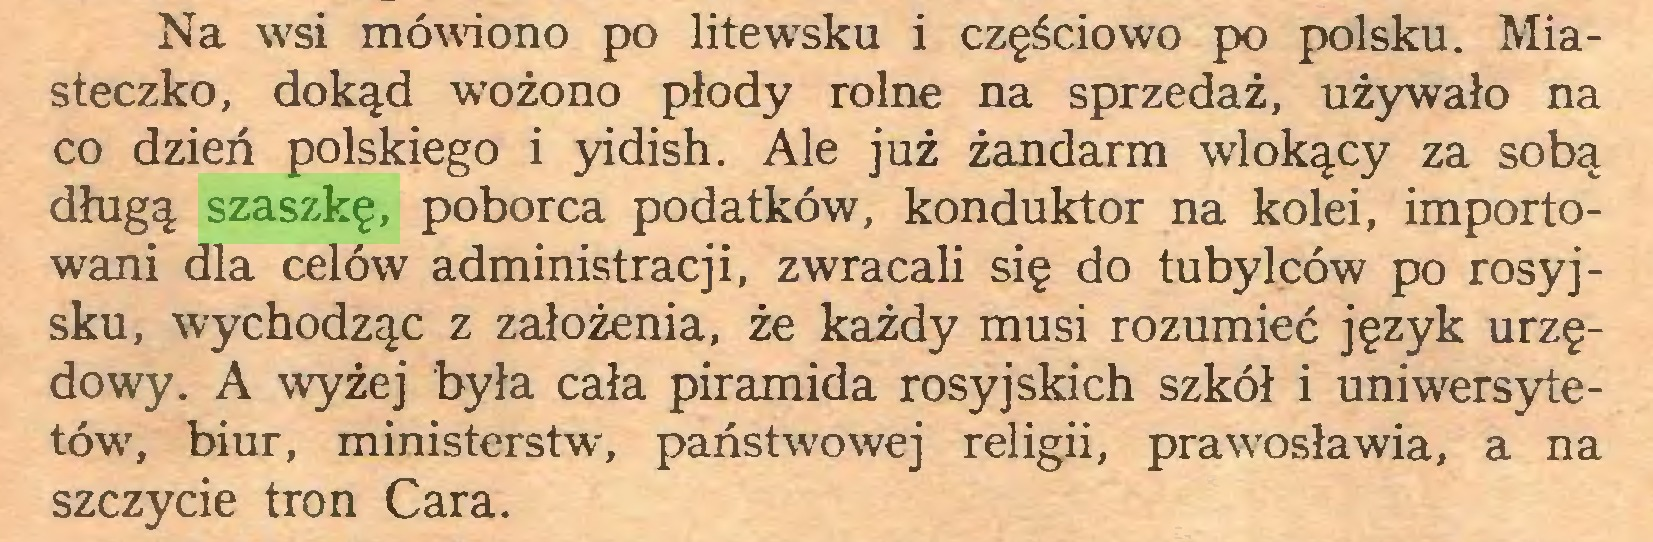 (...) Na wsi mówiono po litewrsku i częściowo po polsku. Miasteczko, dokąd wrożono płody rolne na sprzedaż, używało na co dzień polskiego i yidish. Ale już żandarm wlokący za sobą długą szaszkę, poborca podatków, konduktor na kolei, importowani dla celów administracji, zwracali się do tubylców po rosyjsku, wychodząc z założenia, że każdy musi rozumieć język urzędowy. A wyżej była cała piramida rosyjskich szkół i uniwersytetów7, biur, ministerstw, państwowej religii, prawosławia, a na szczycie tron Cara...